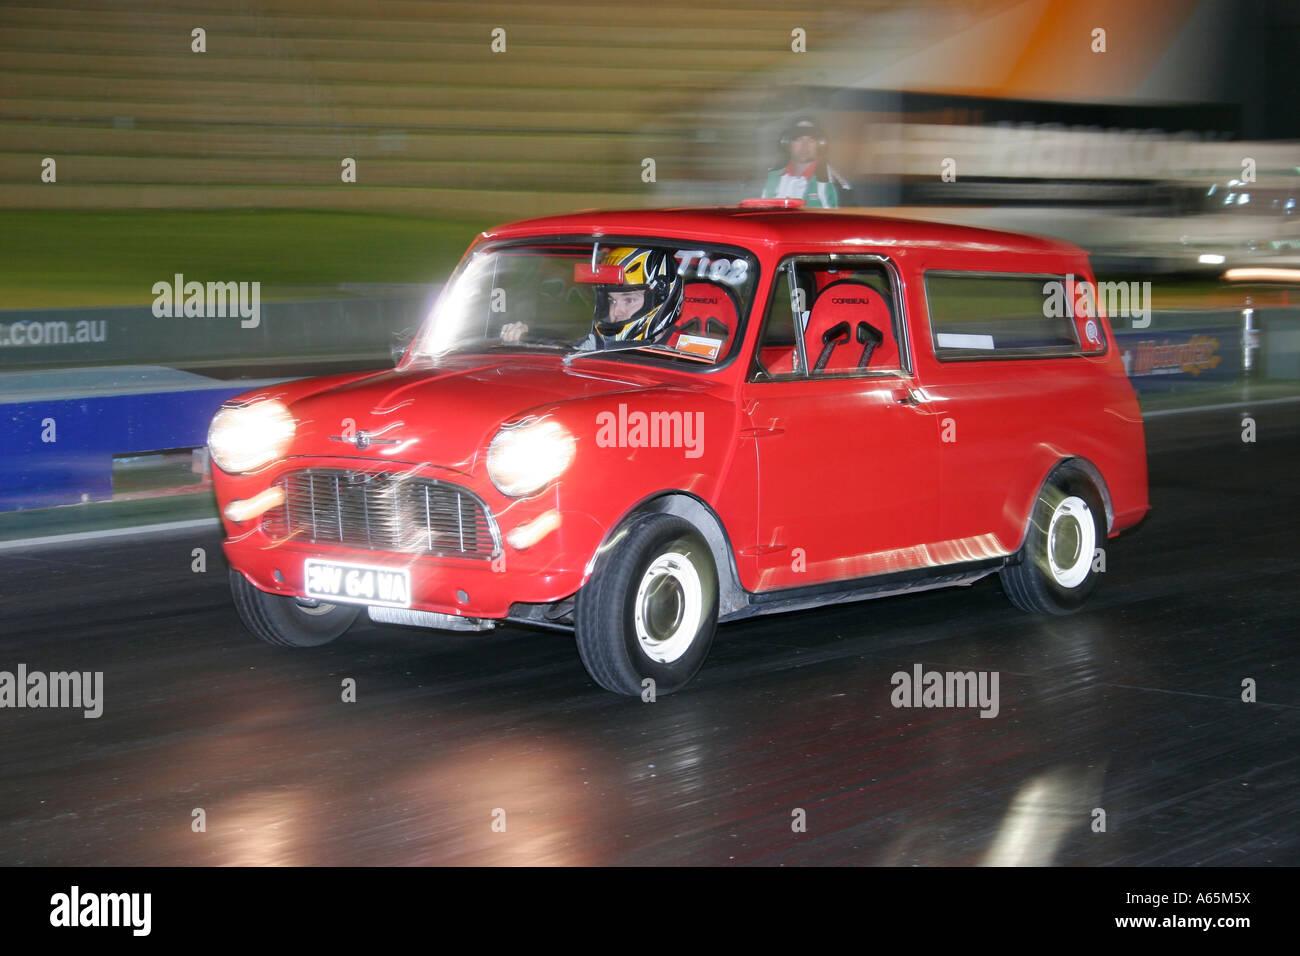 Mini Race Car Stock Photos & Mini Race Car Stock Images - Alamy